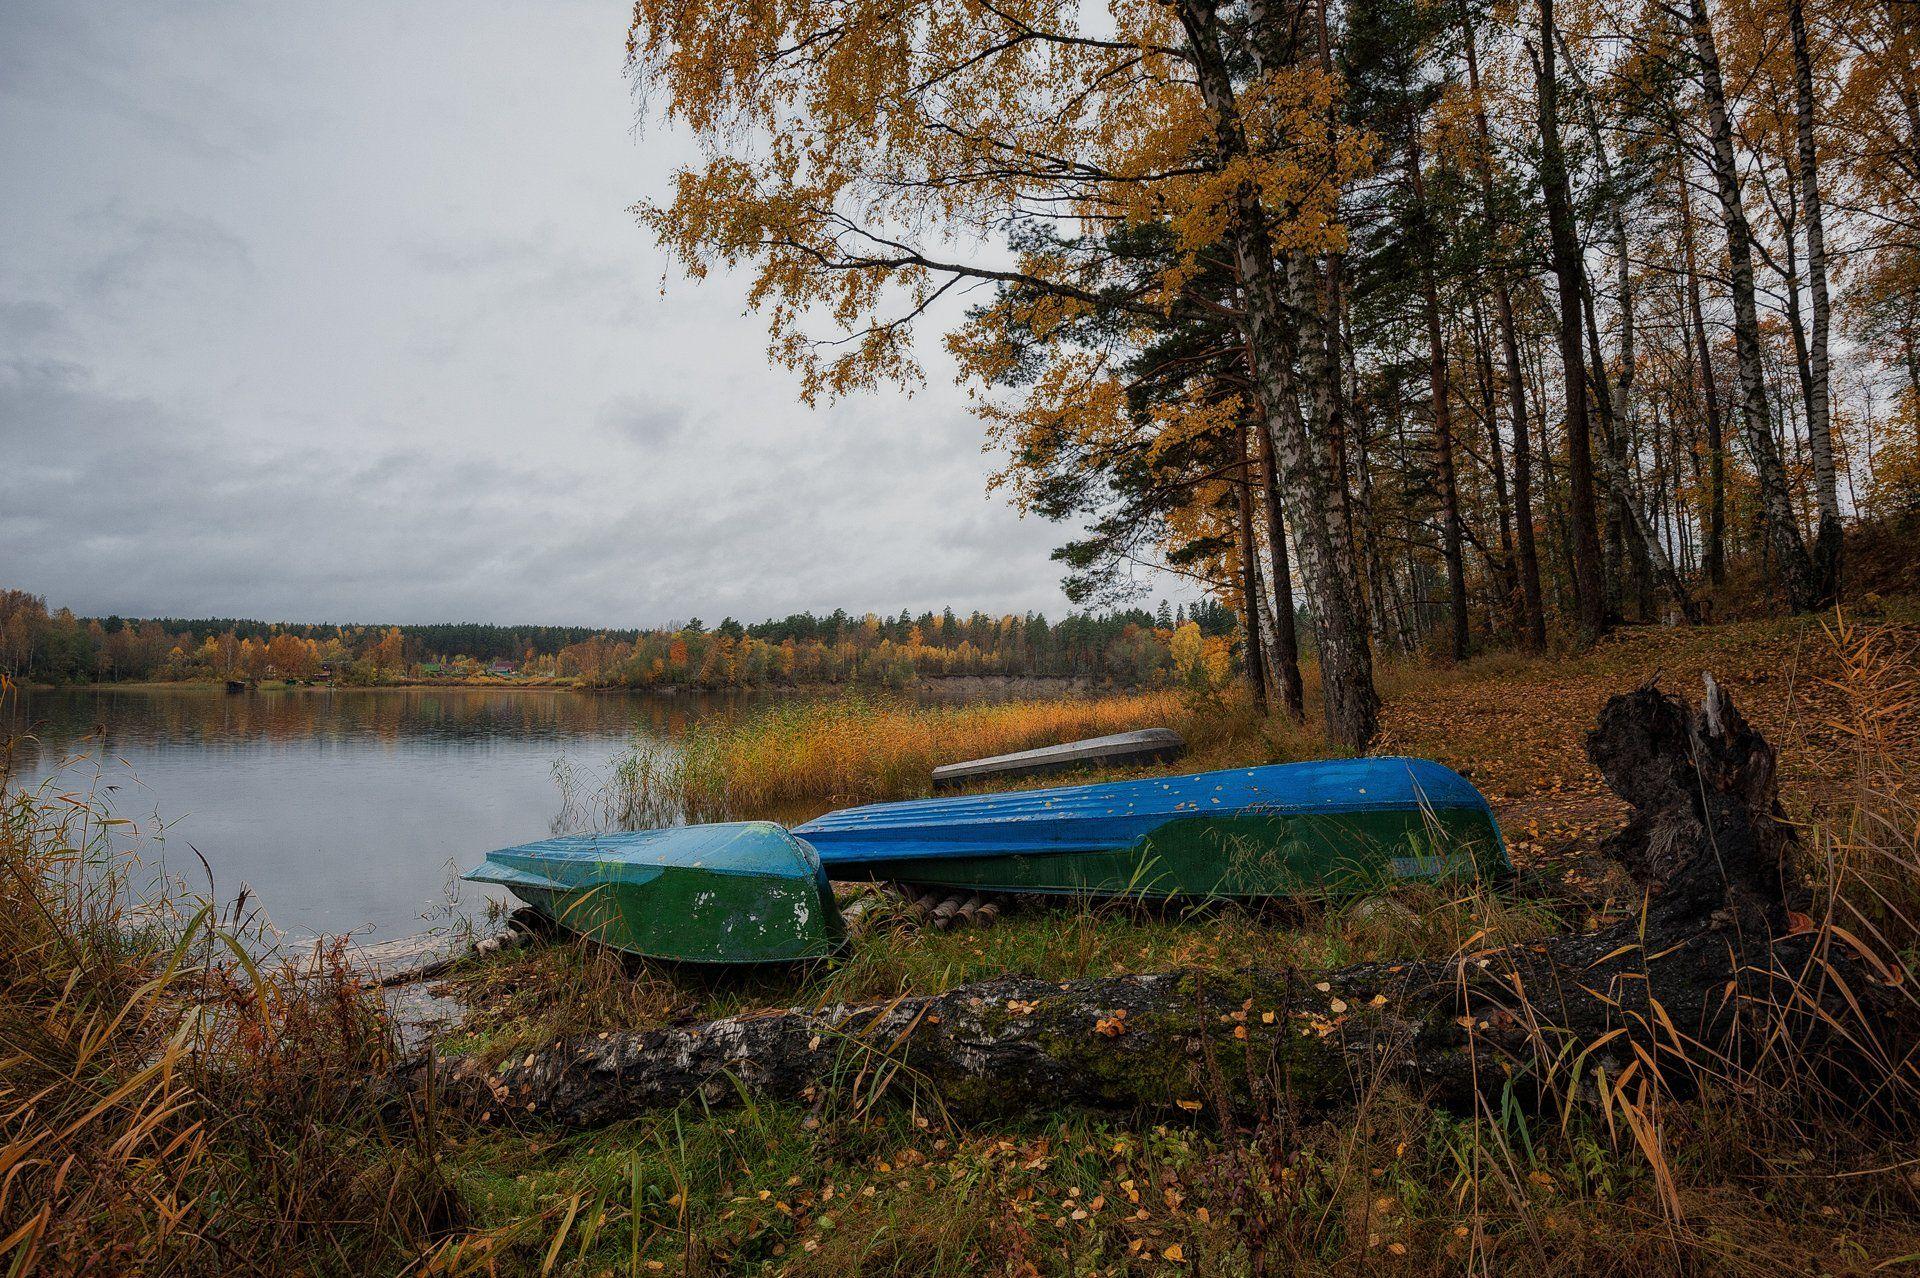 осень,берега,река,вуокса,лодки,деревья,краски,пейзаж, Евгений Плетнев